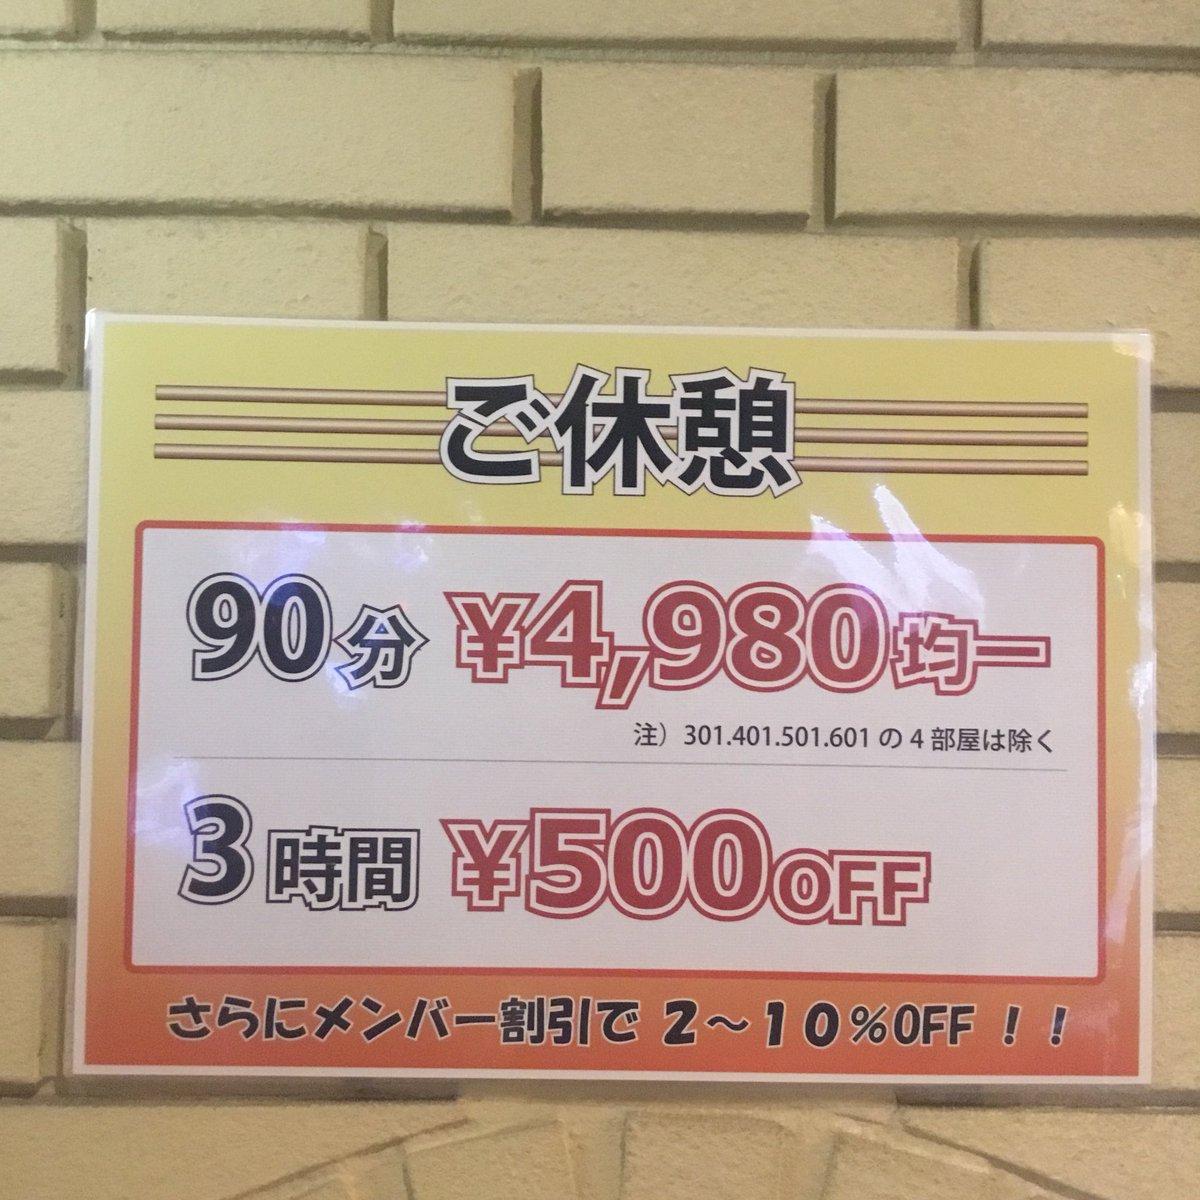 ラブホ 休憩 安い 近く の 価格